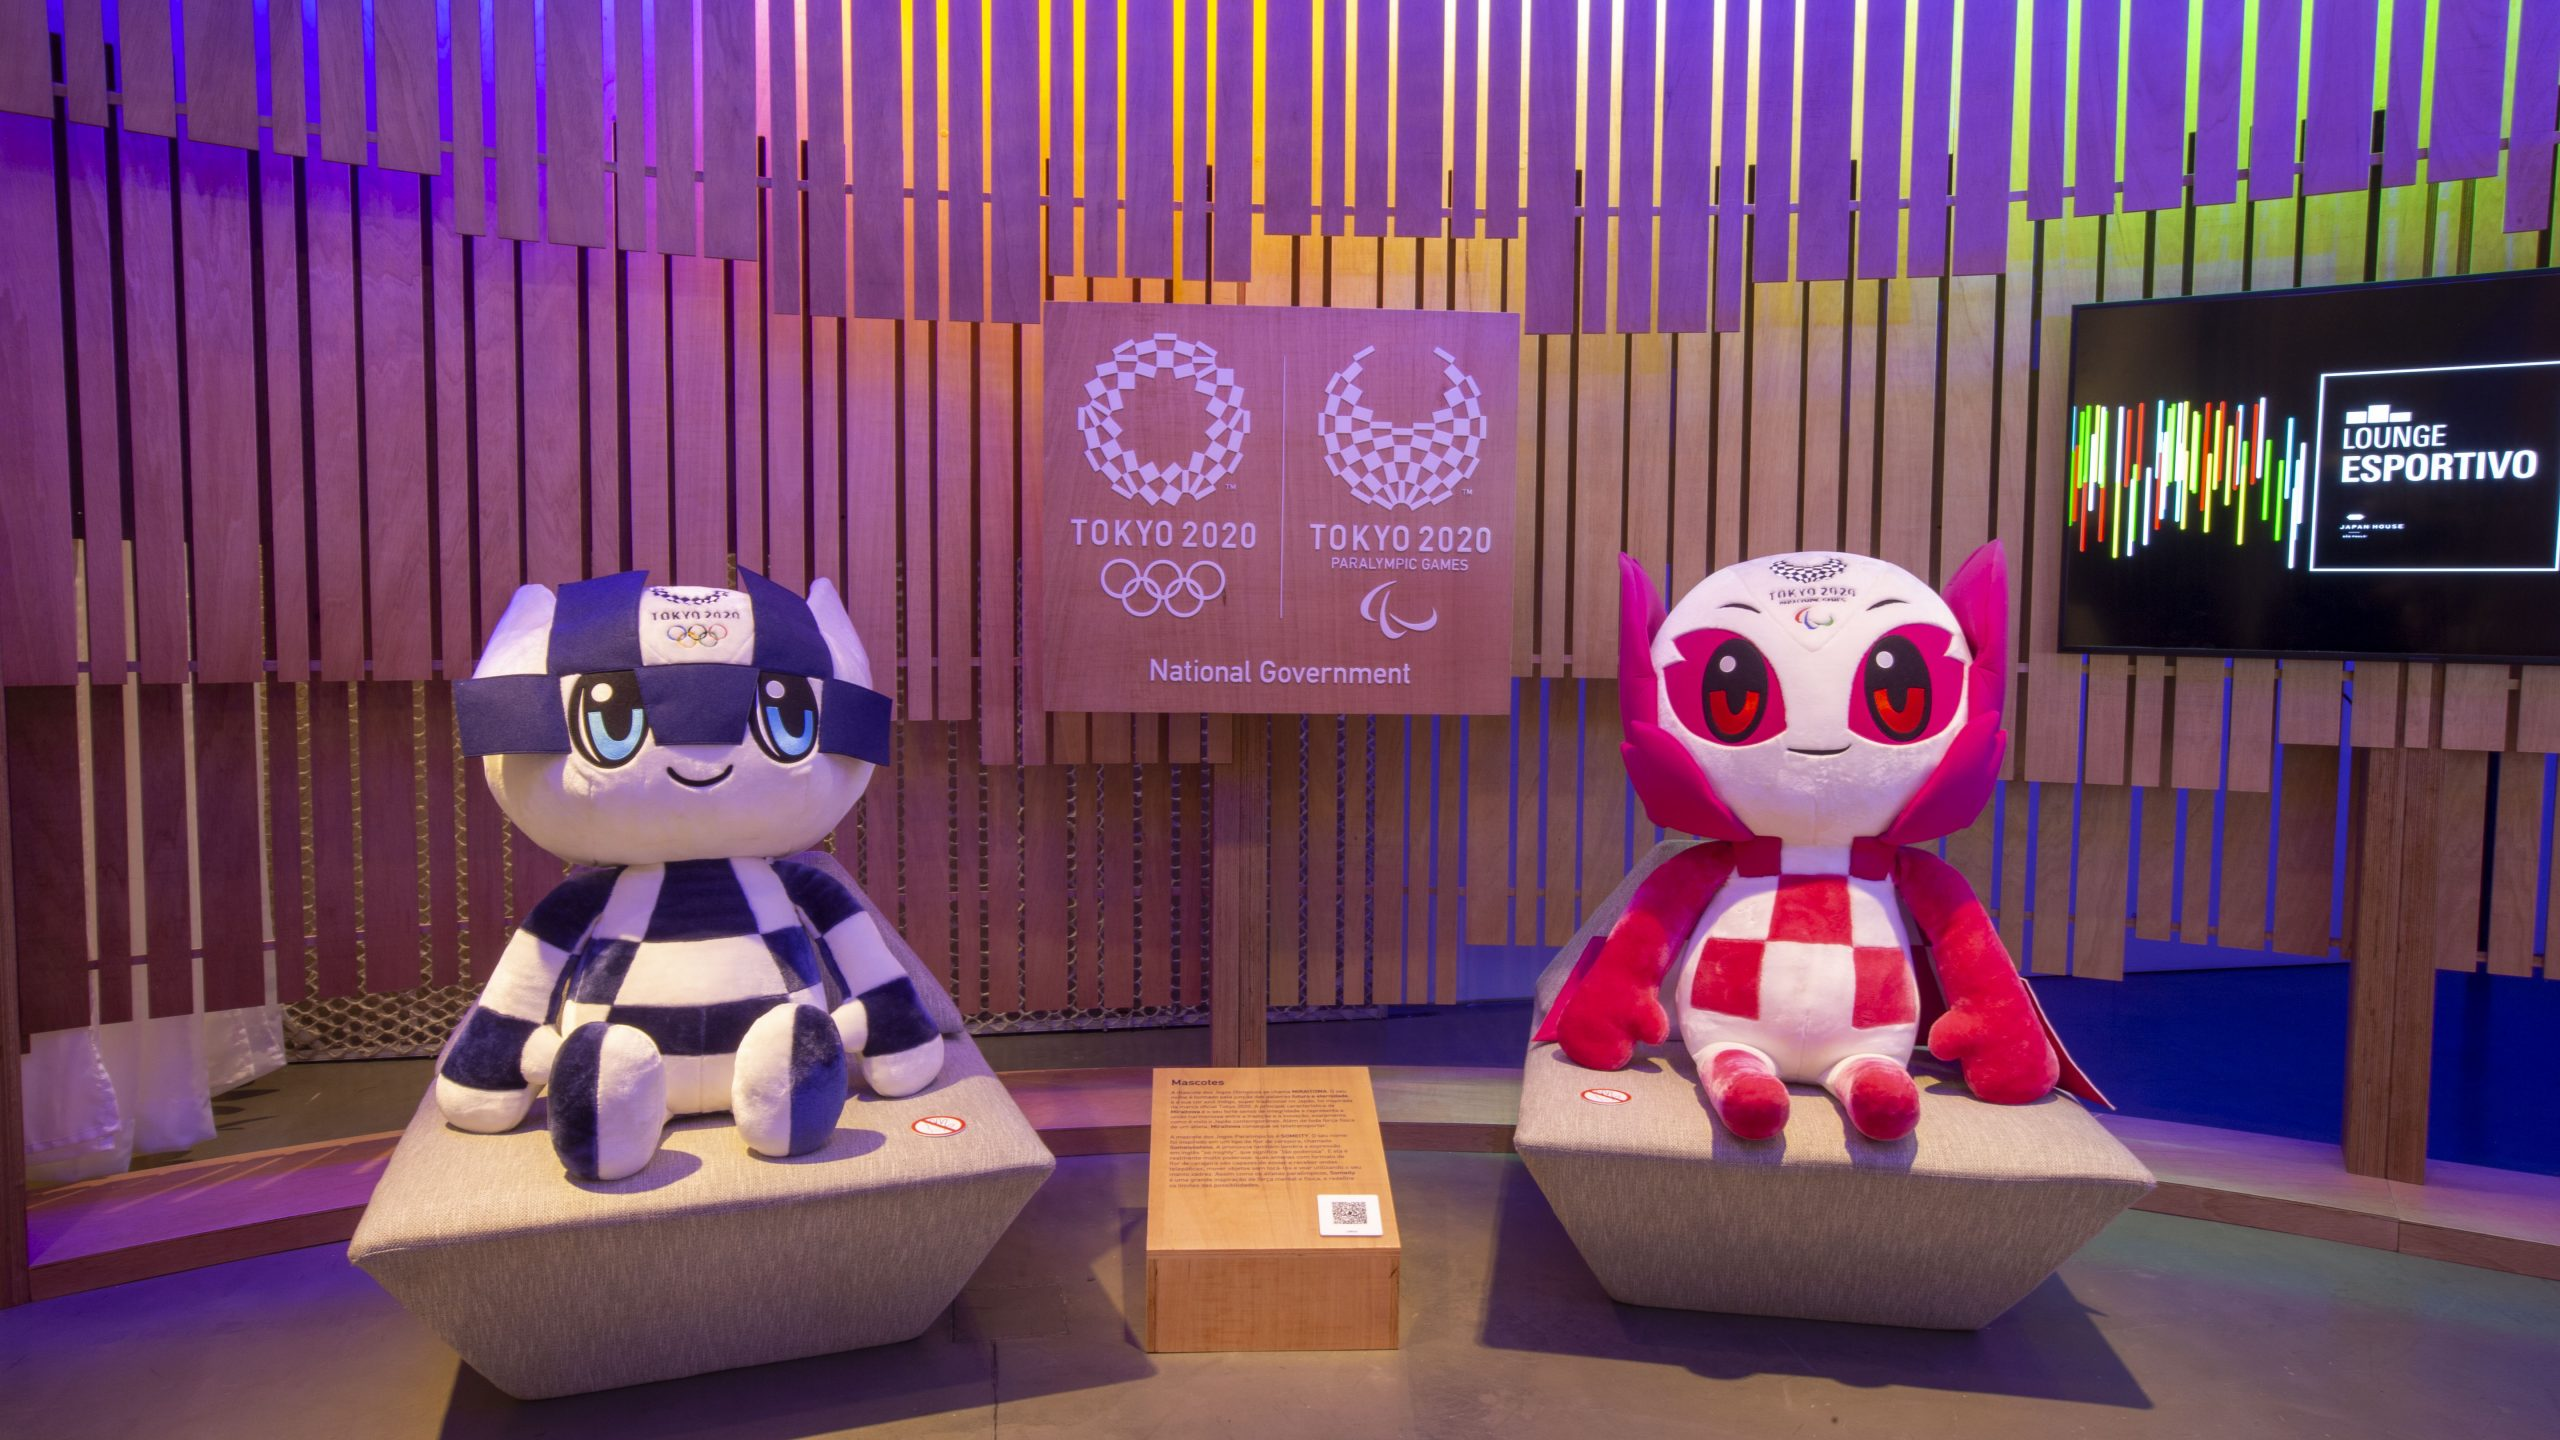 JAPAN HOUSE SÃO PAULO abre nova exposição amanhã 20/07